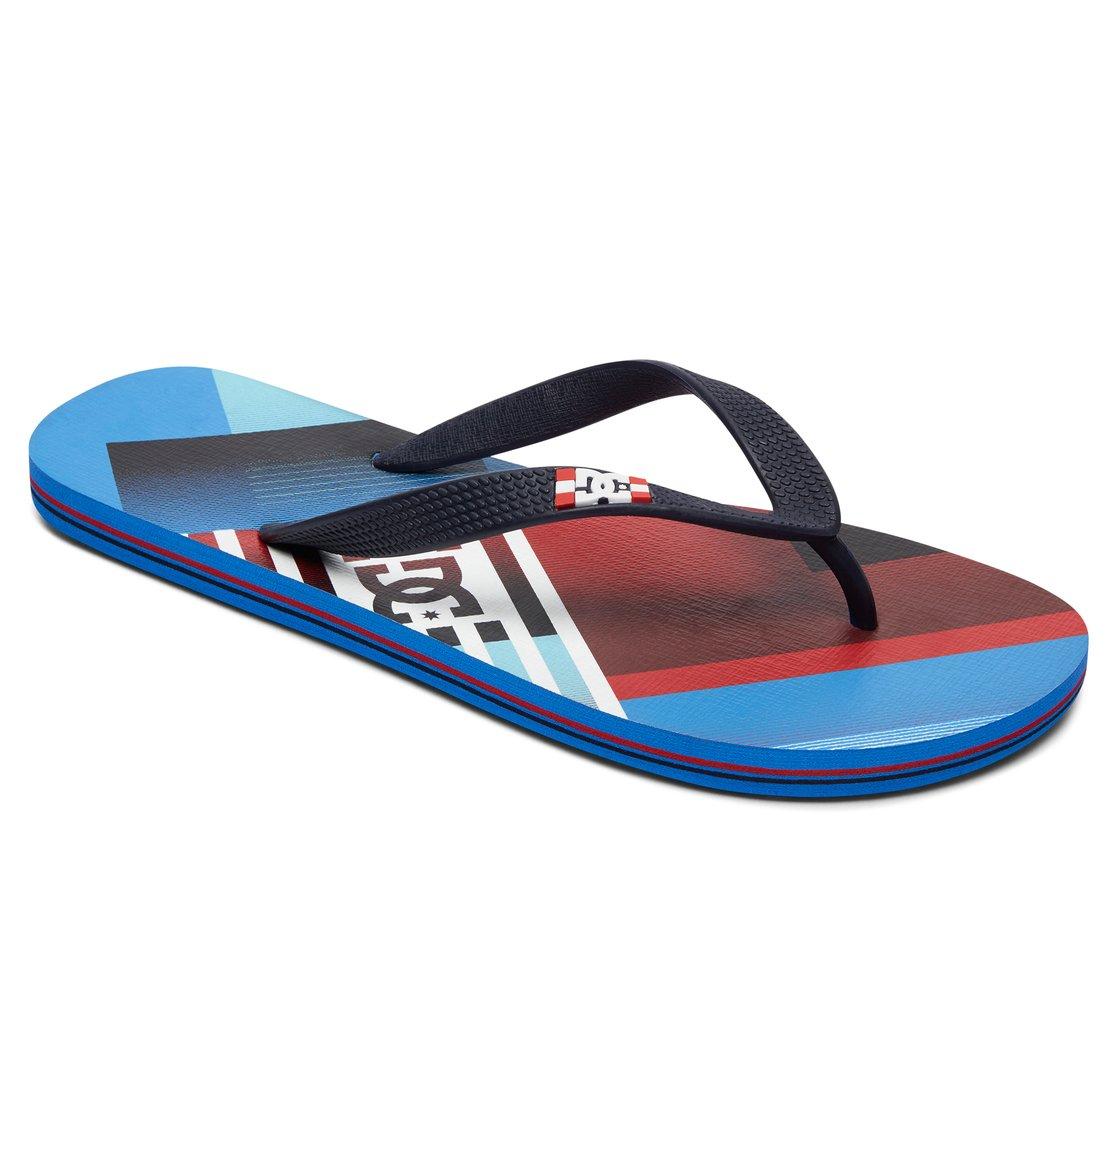 DC Shoes</ototo></div>                                   <span></span>                               </div>             <div>                                     <div>                                             <div>                                                     <div>                                                             <div>                                                                     <label>                                     Alle Themen                                 </label>                                                                 </div>                                                             <div>                                                                     <label>                                     Jobs                                 </label>                                                                 </div>                                                             <div>                                                                     <label>                                     Adressen                                 </label>                                                                 </div>                                                             <div>                                                                     <label>                                     Artikel                                 </label>                                                                 </div>                                                             <div>                                                                     <label>                                     Positionen                                 </label>                                                                 </div>                                                             <div>                                                                     <label>                                     Projekte                                 </label>  